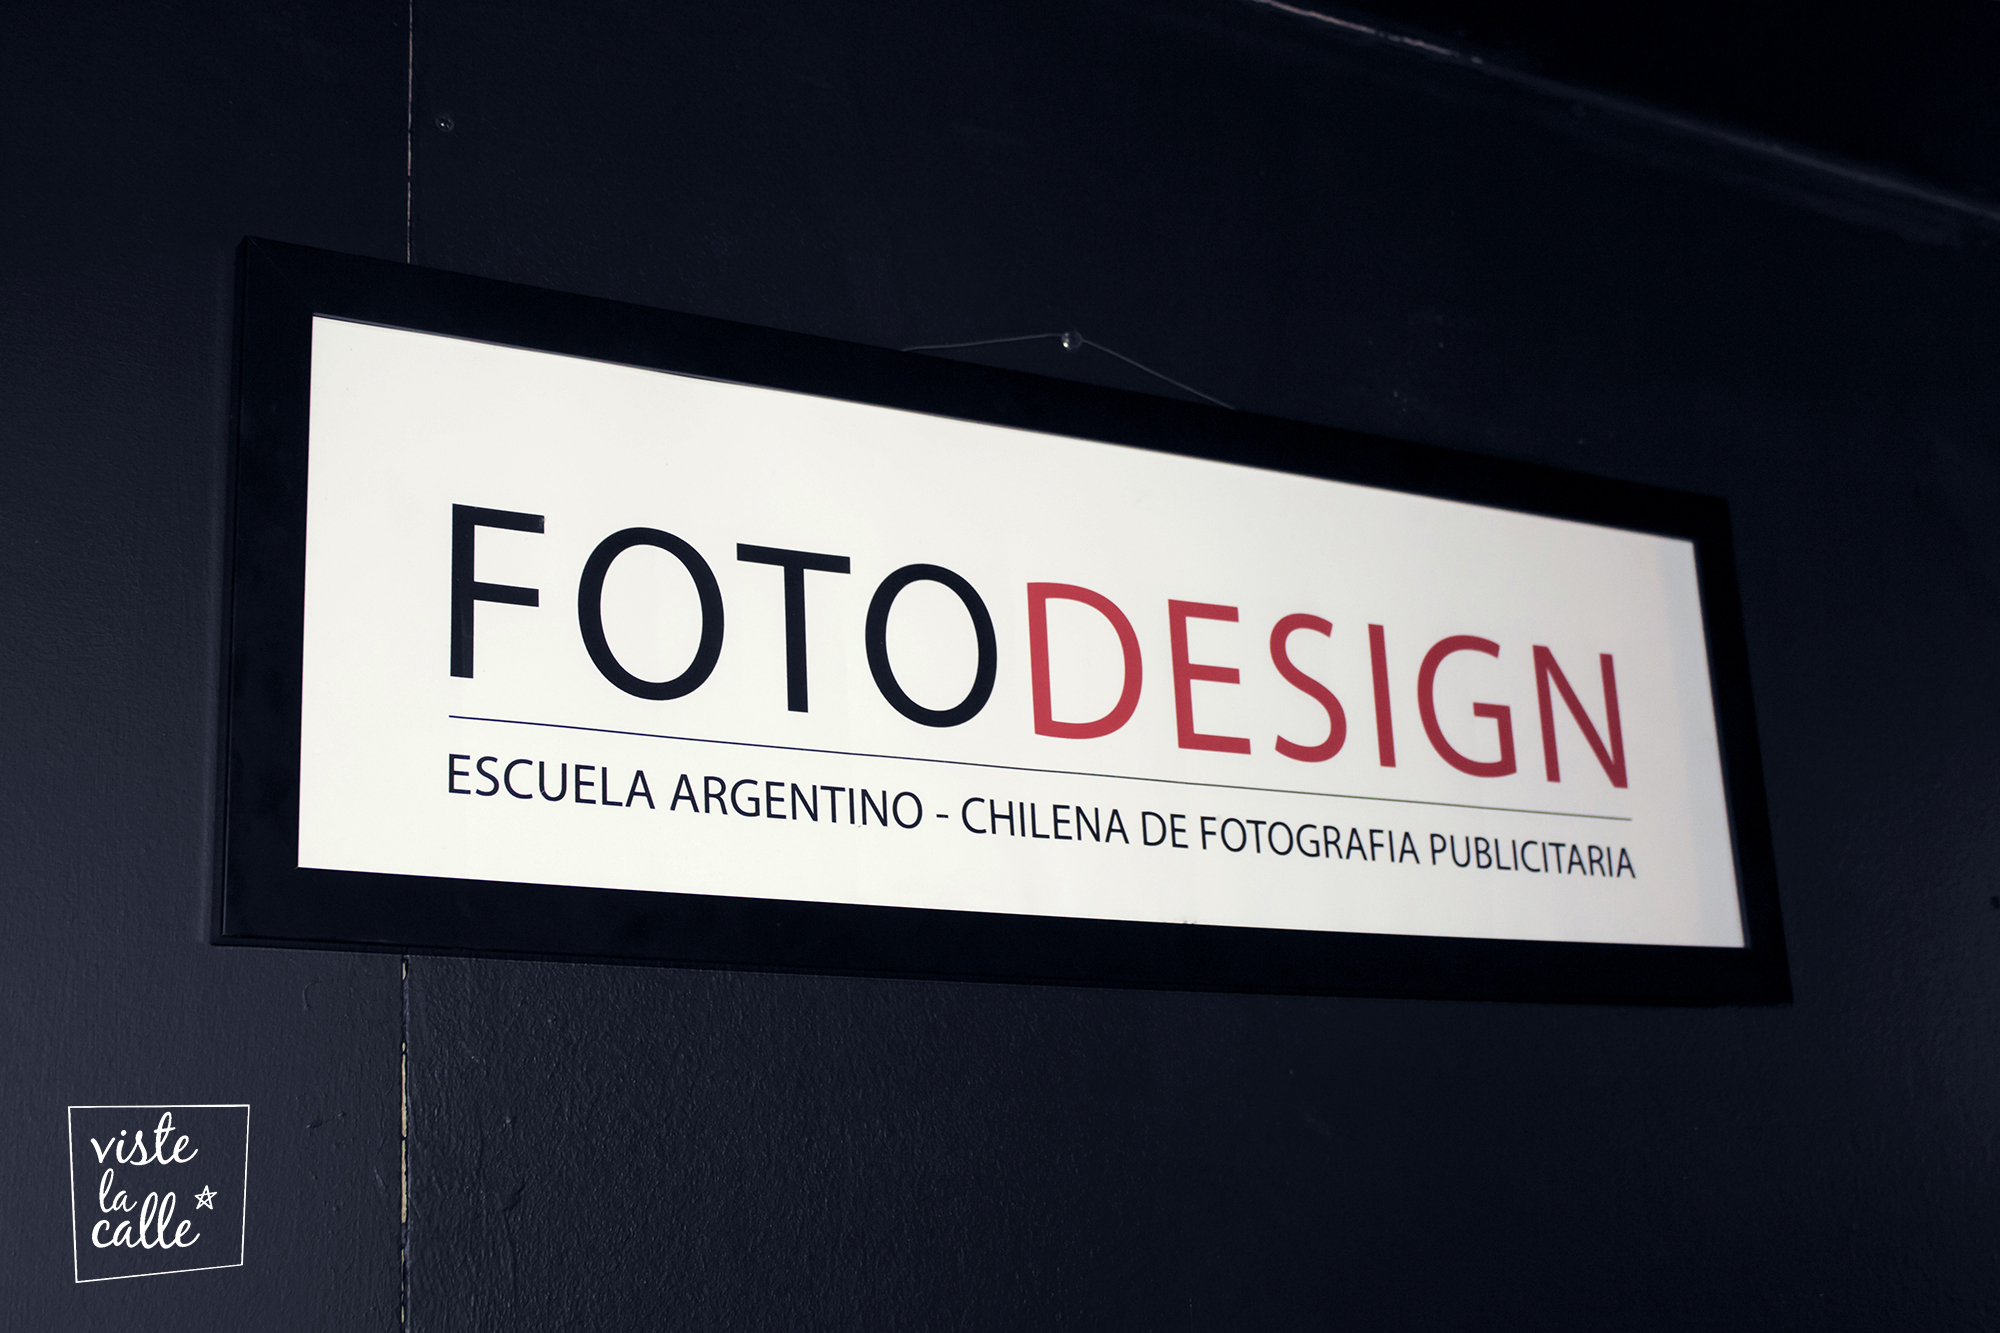 Fotodesign exhibió muestra con su primera generación de estudiantes